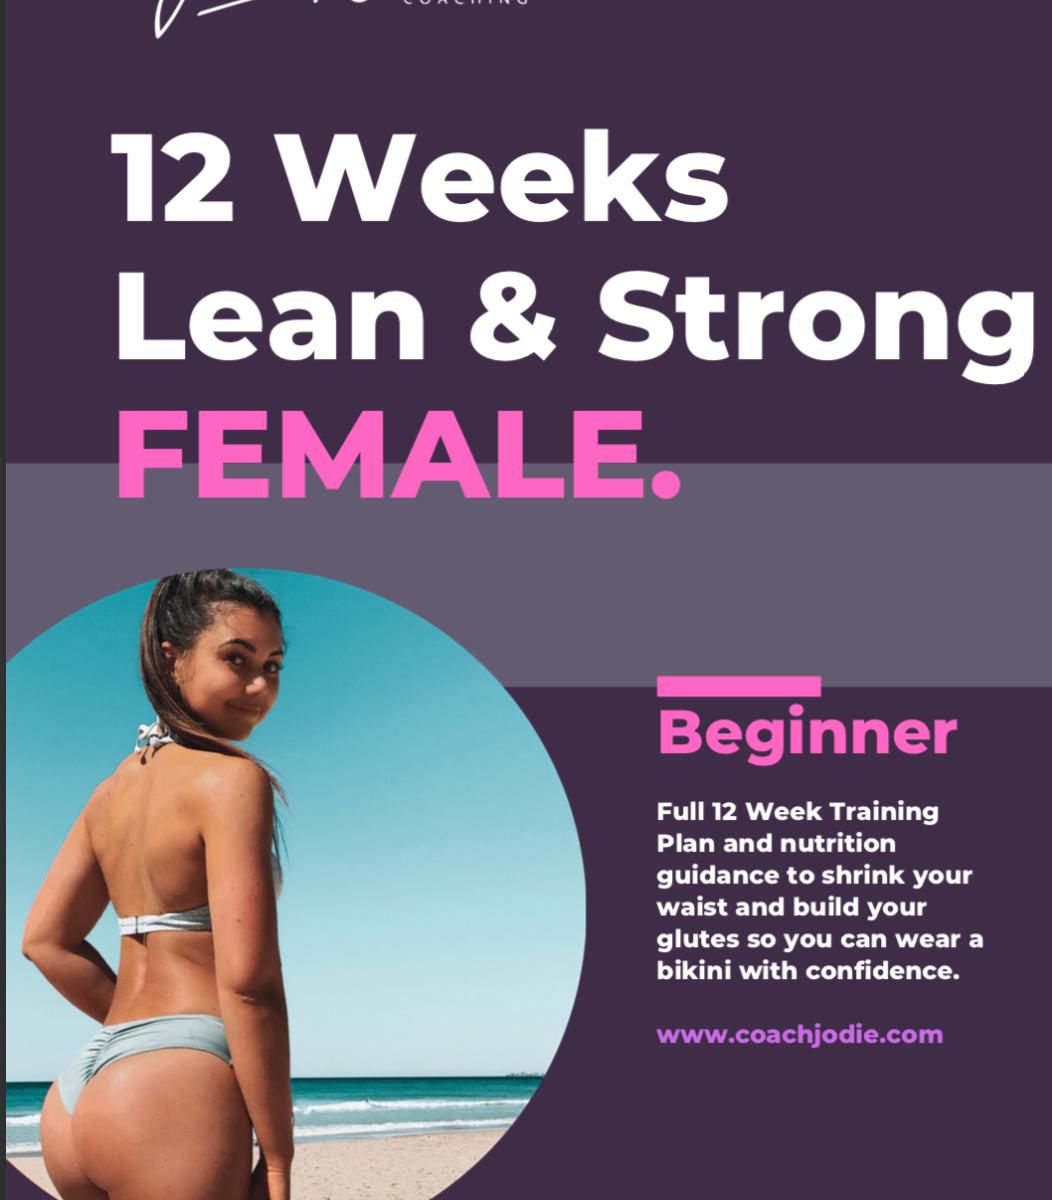 Lean & Strong 12 Week Program- Beginner